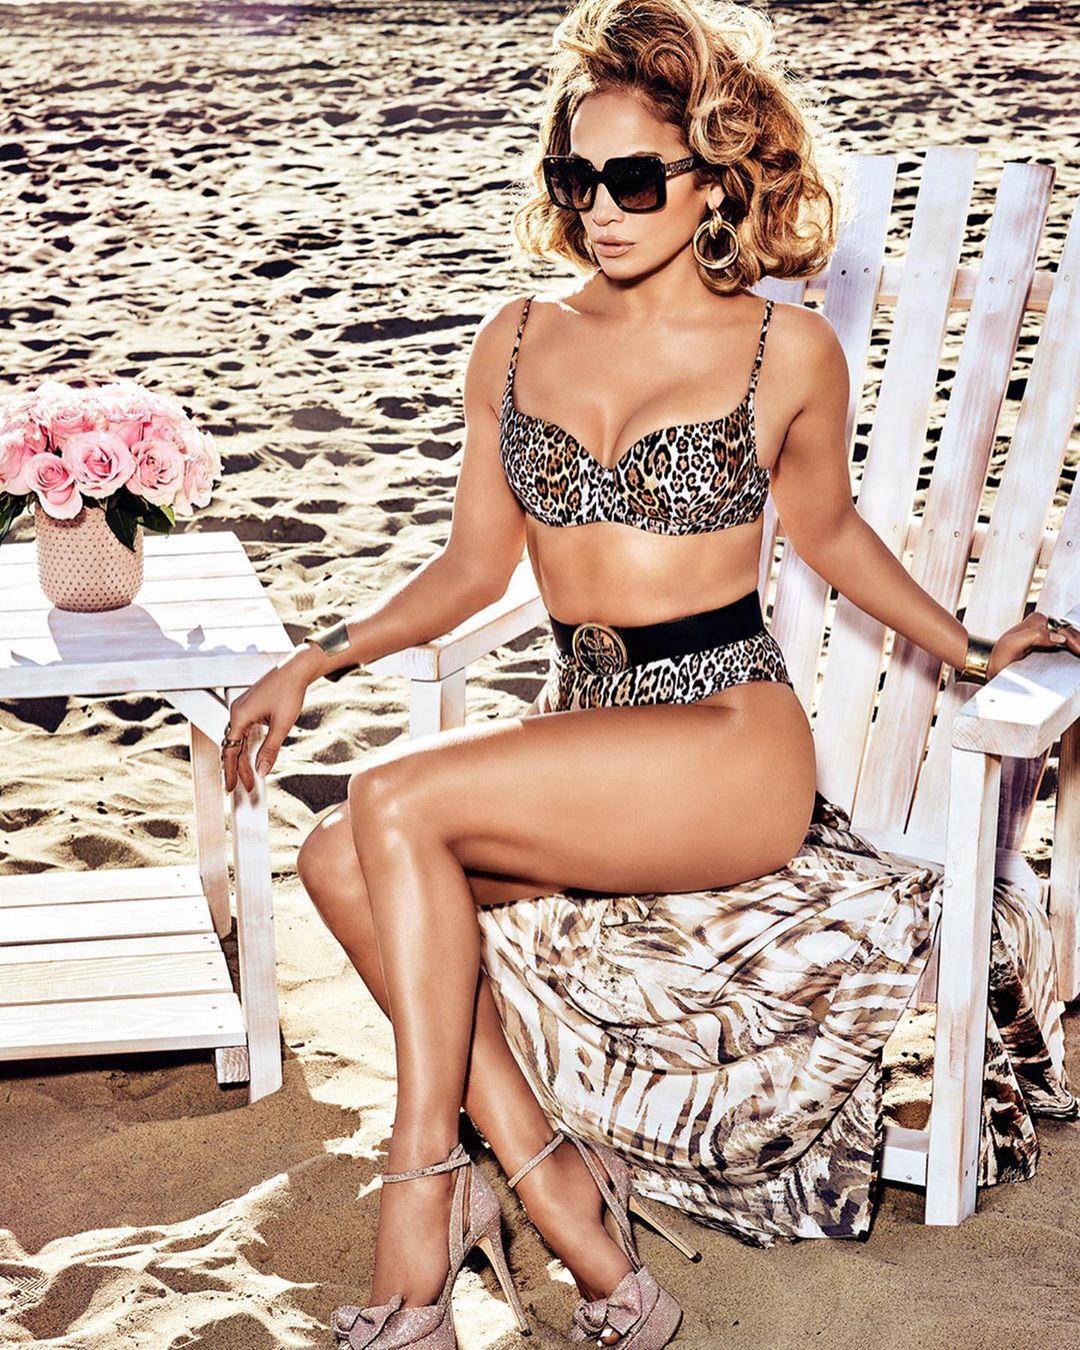 Jennifer Lopez prefere o bacalhau ao salmão e não é grande apreciadora de fruta